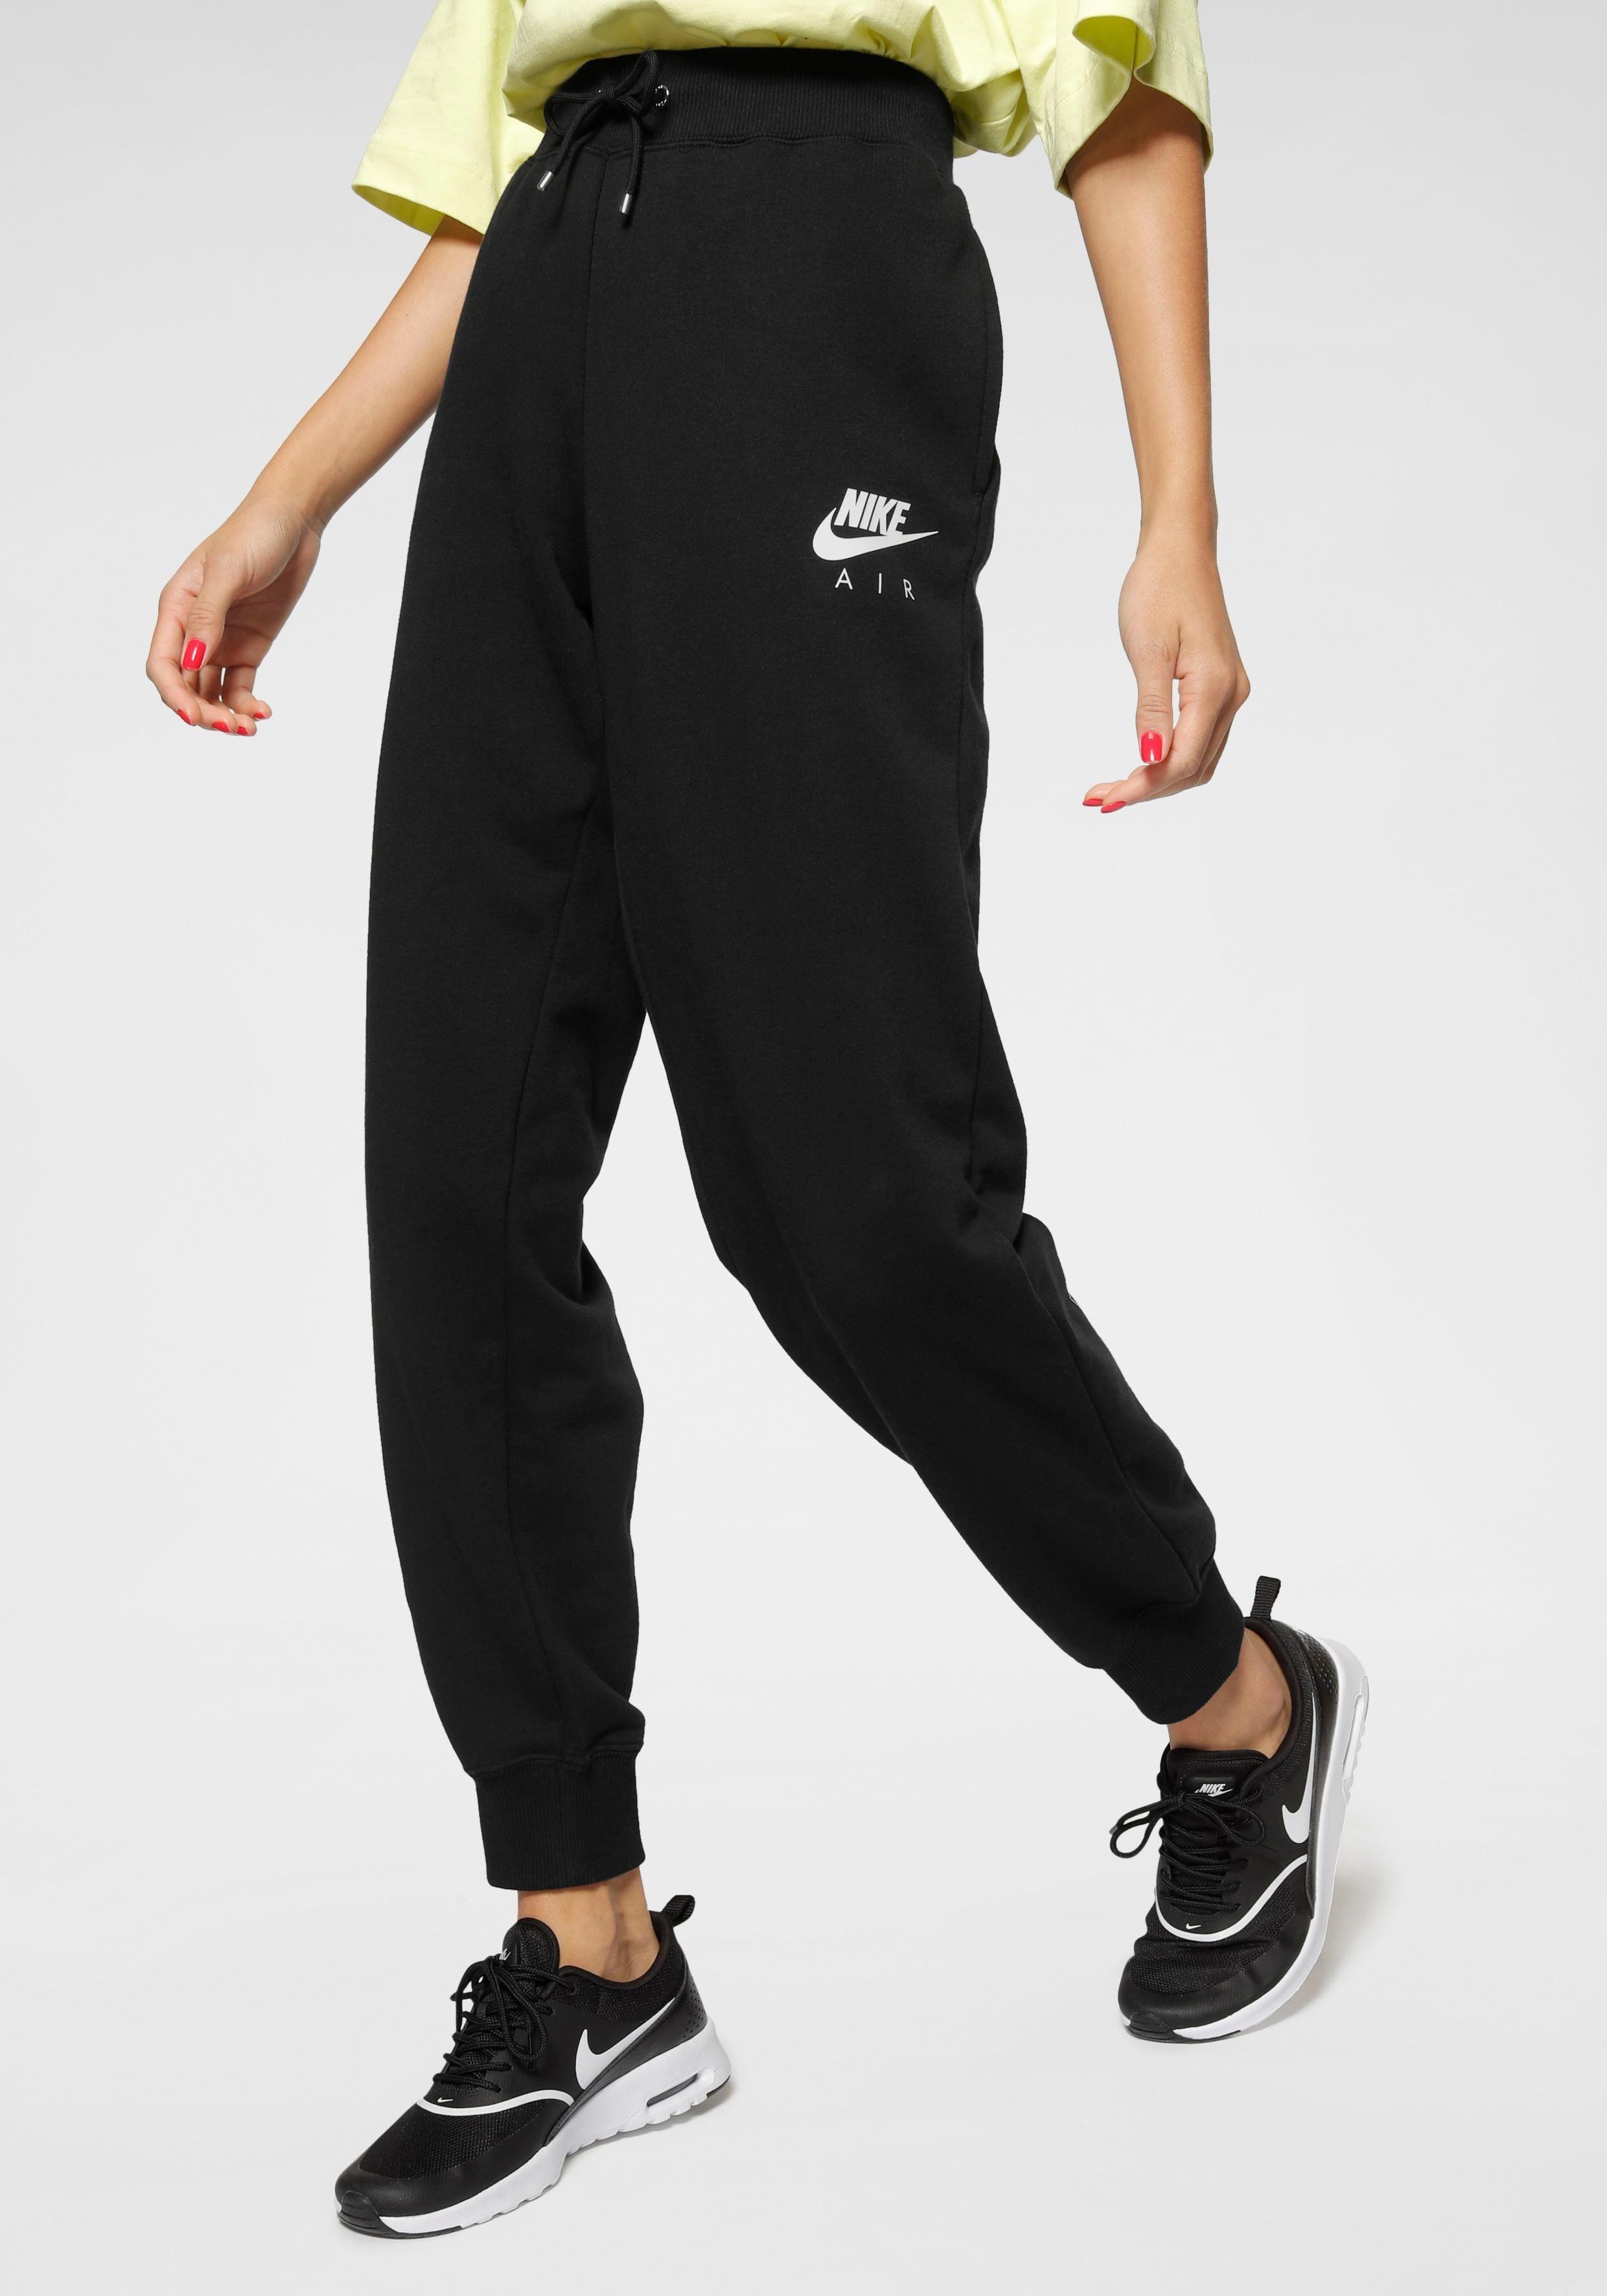 Nike Sportswear Jogginghose »Nike Air Women's Fleece Pants« online kaufen |  OTTO